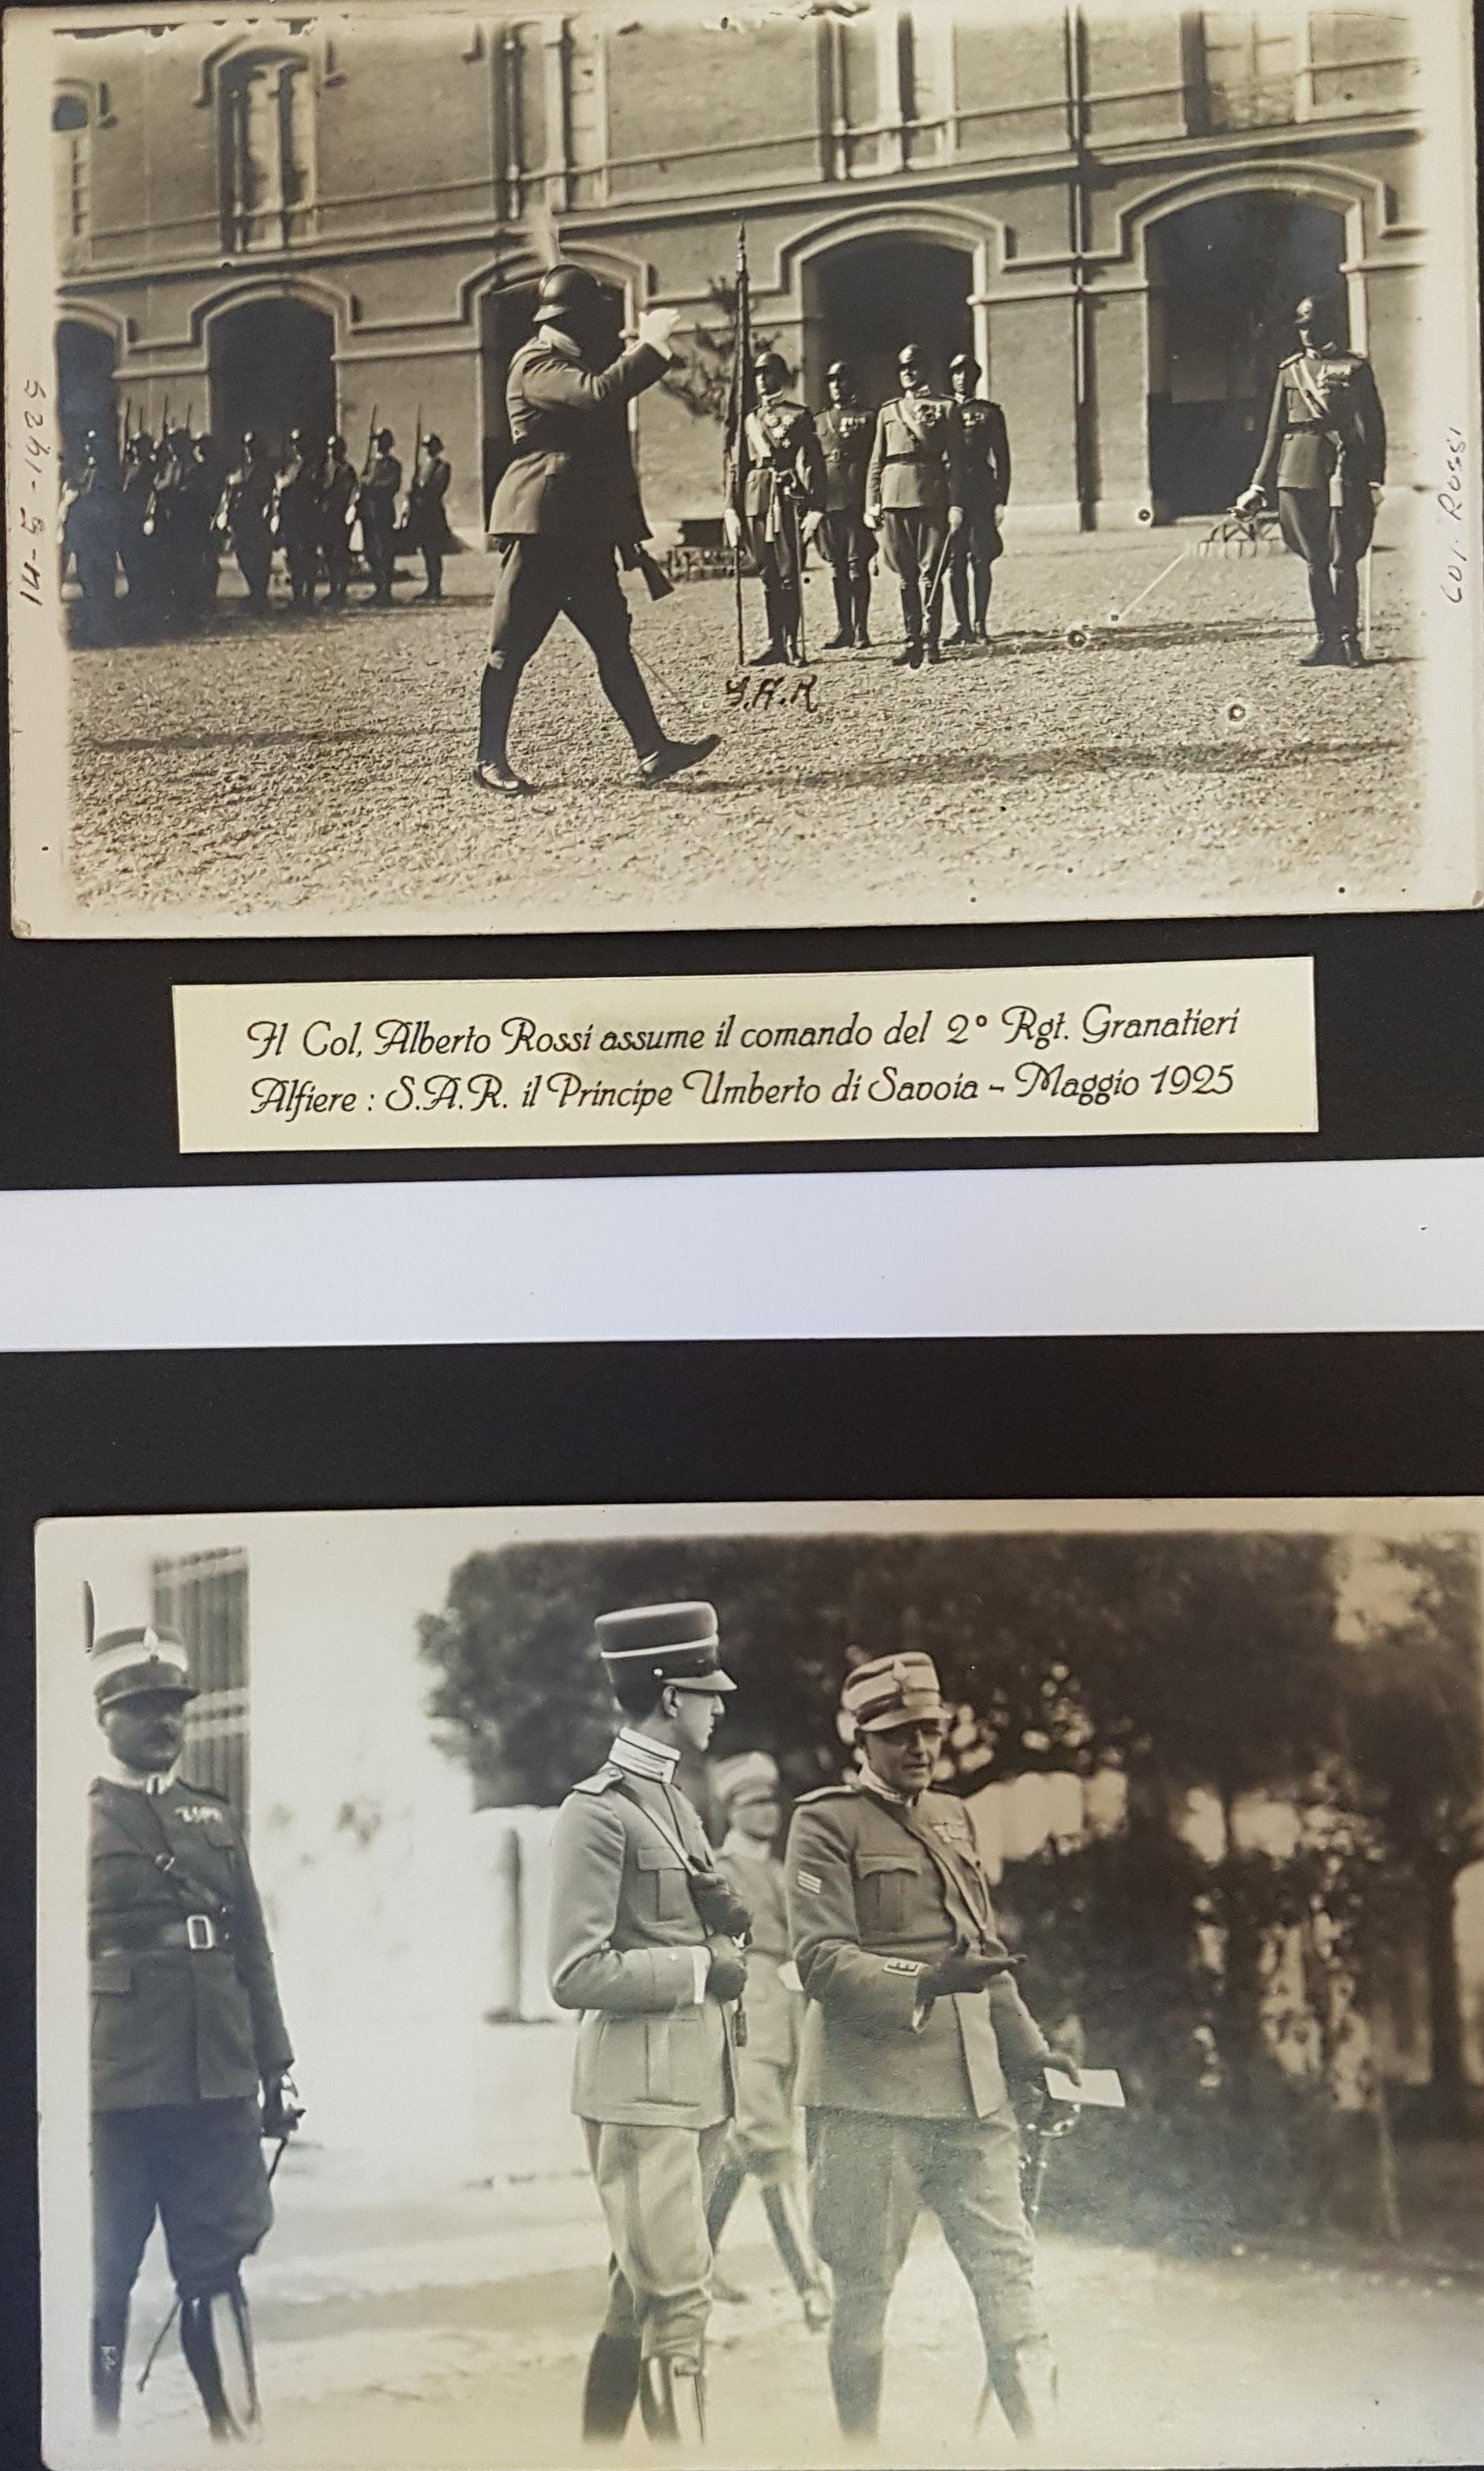 Maggio 1925 assunzione comando 2° rgt - Col Alberto Rossi